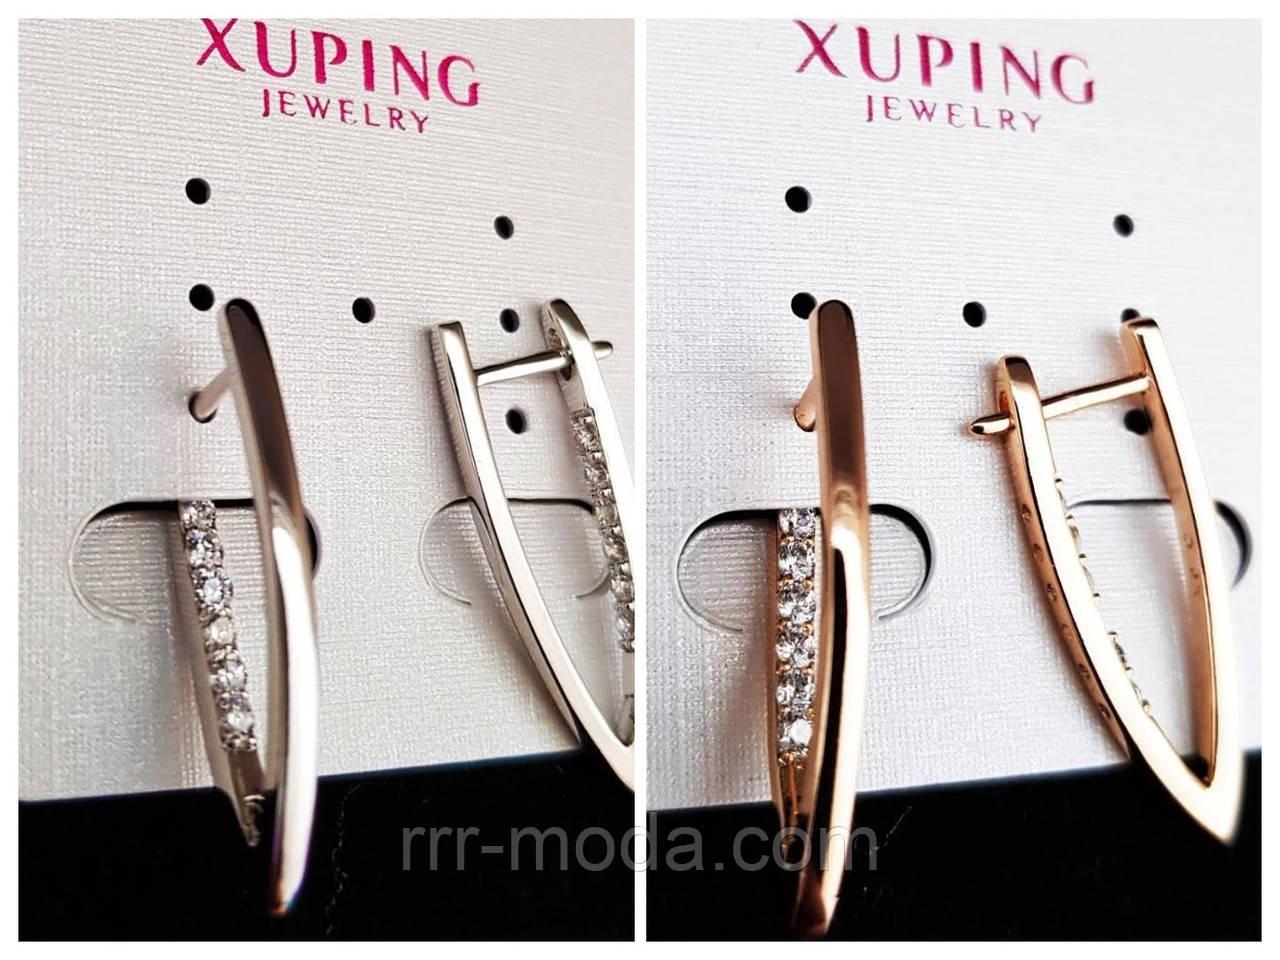 680. Позолоченные серьги бренды, ювелирные украшения по оптовым ценам - Серьги Xuping.